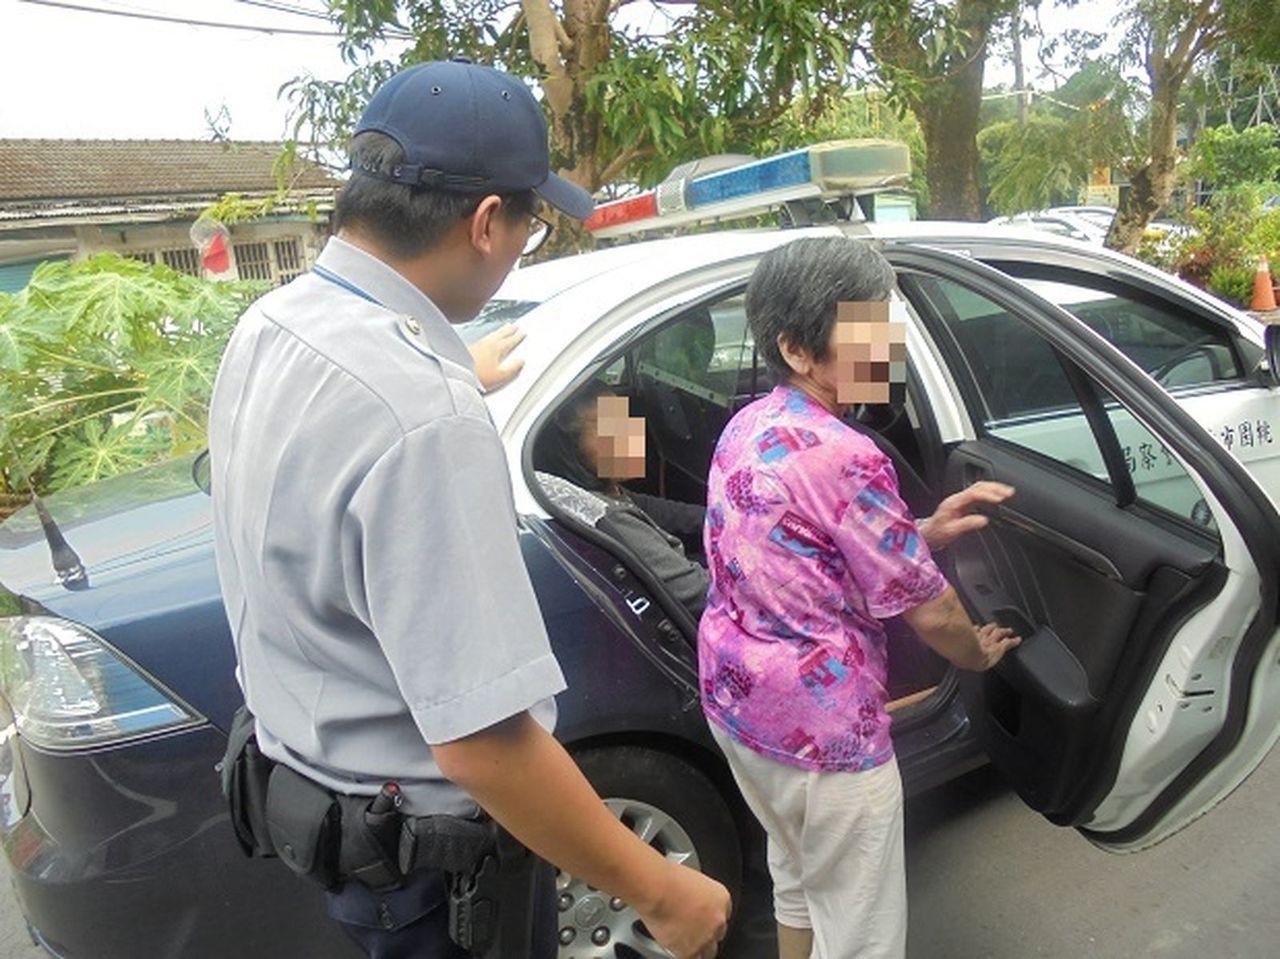 桃園市2名老婦因思念家人,相偕偷偷溜出老人安養中心,警方獲報調閱監視器展開地毯式...